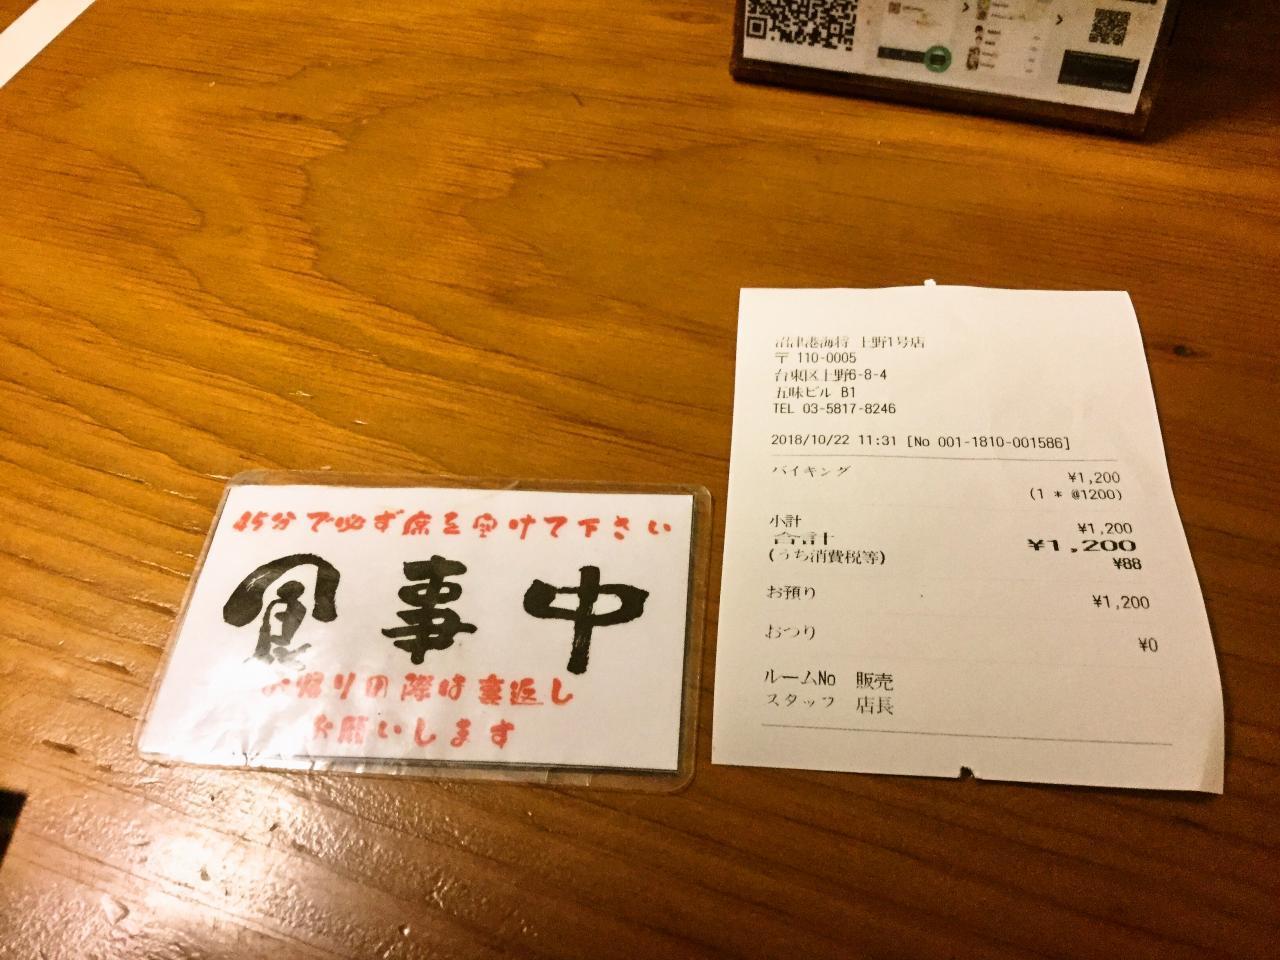 沼津港 海将 上野1号店(店舗)